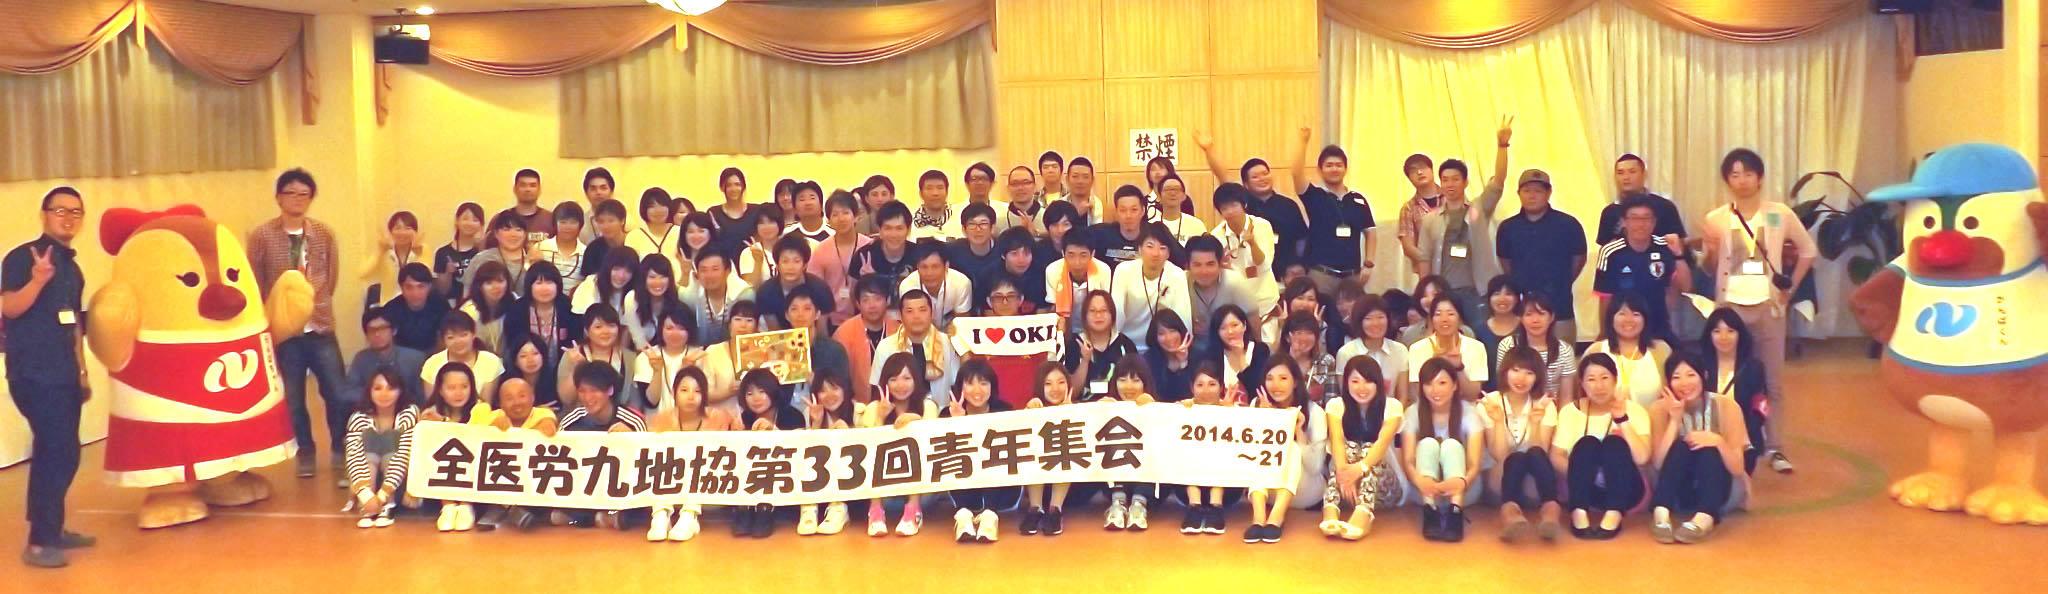 第33回九州青年集会_e0135279_13203892.jpg